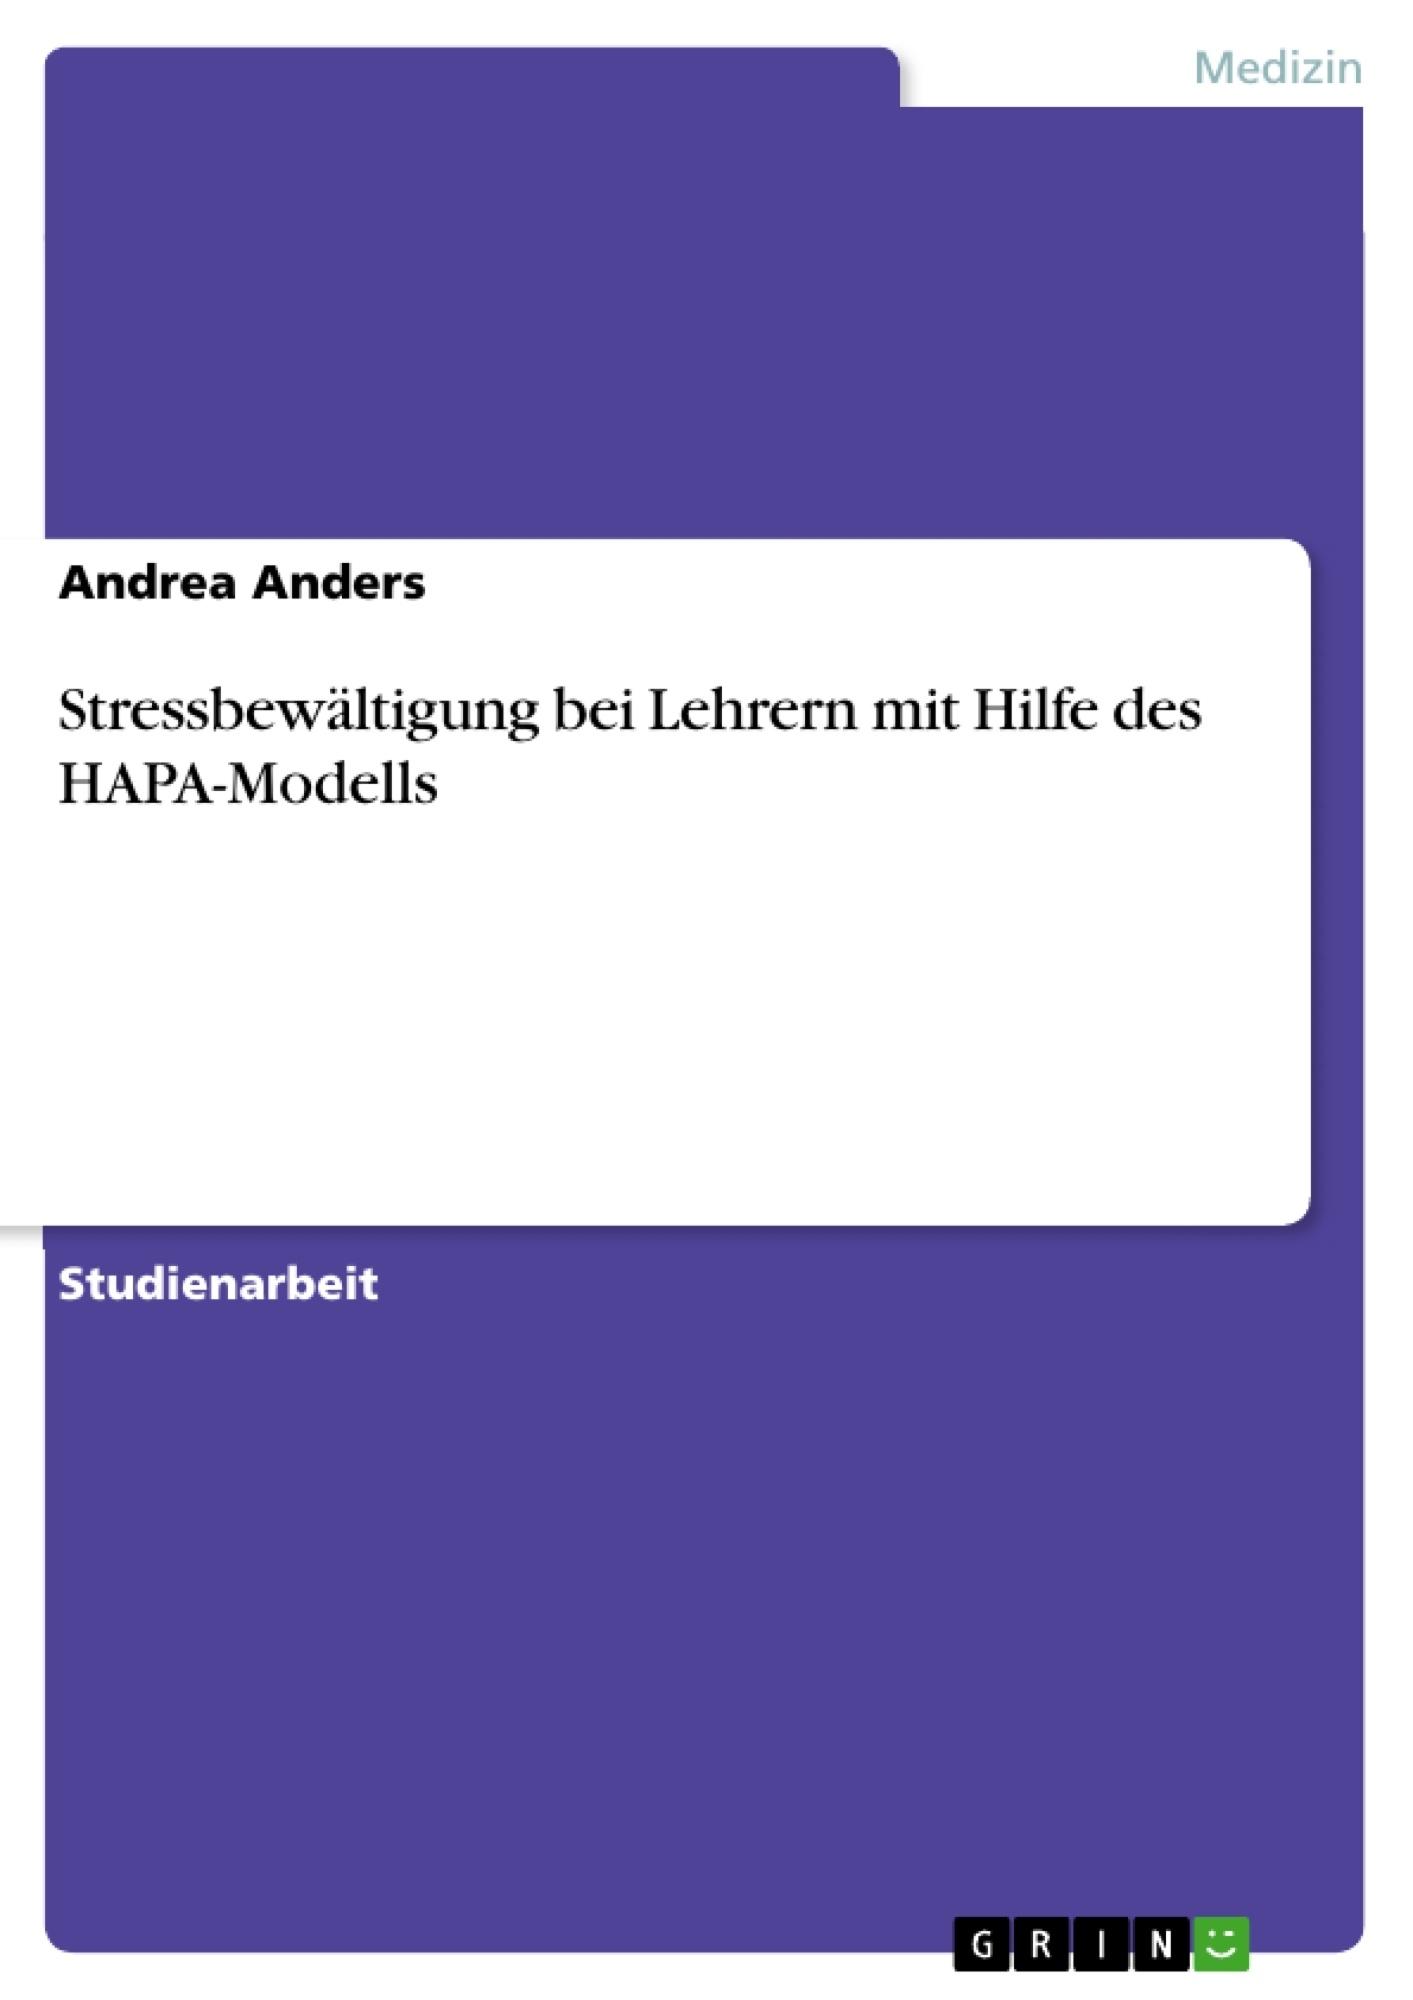 Titel: Stressbewältigung bei Lehrern mit Hilfe des HAPA-Modells